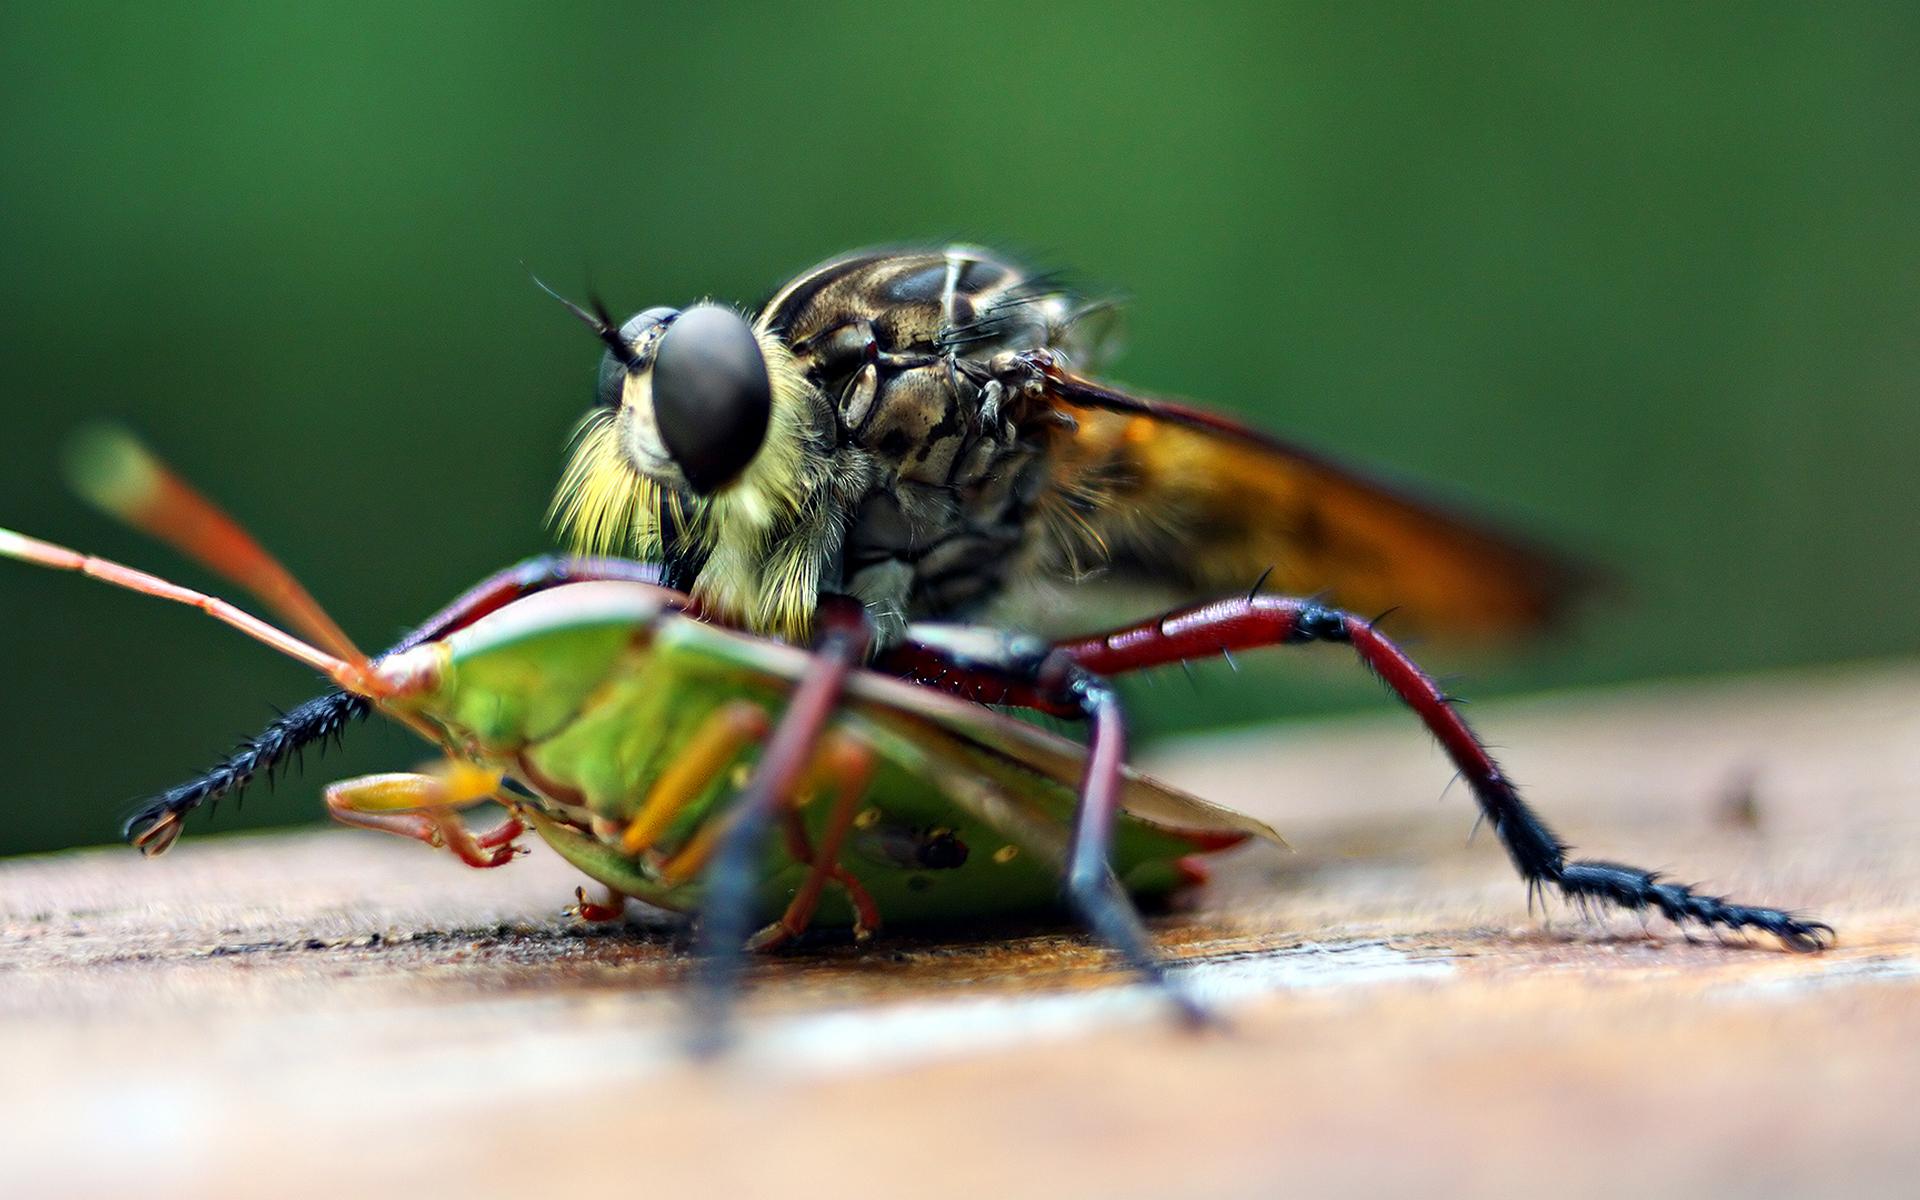 природа макро животные насекомое стрекоза  № 2748110 загрузить